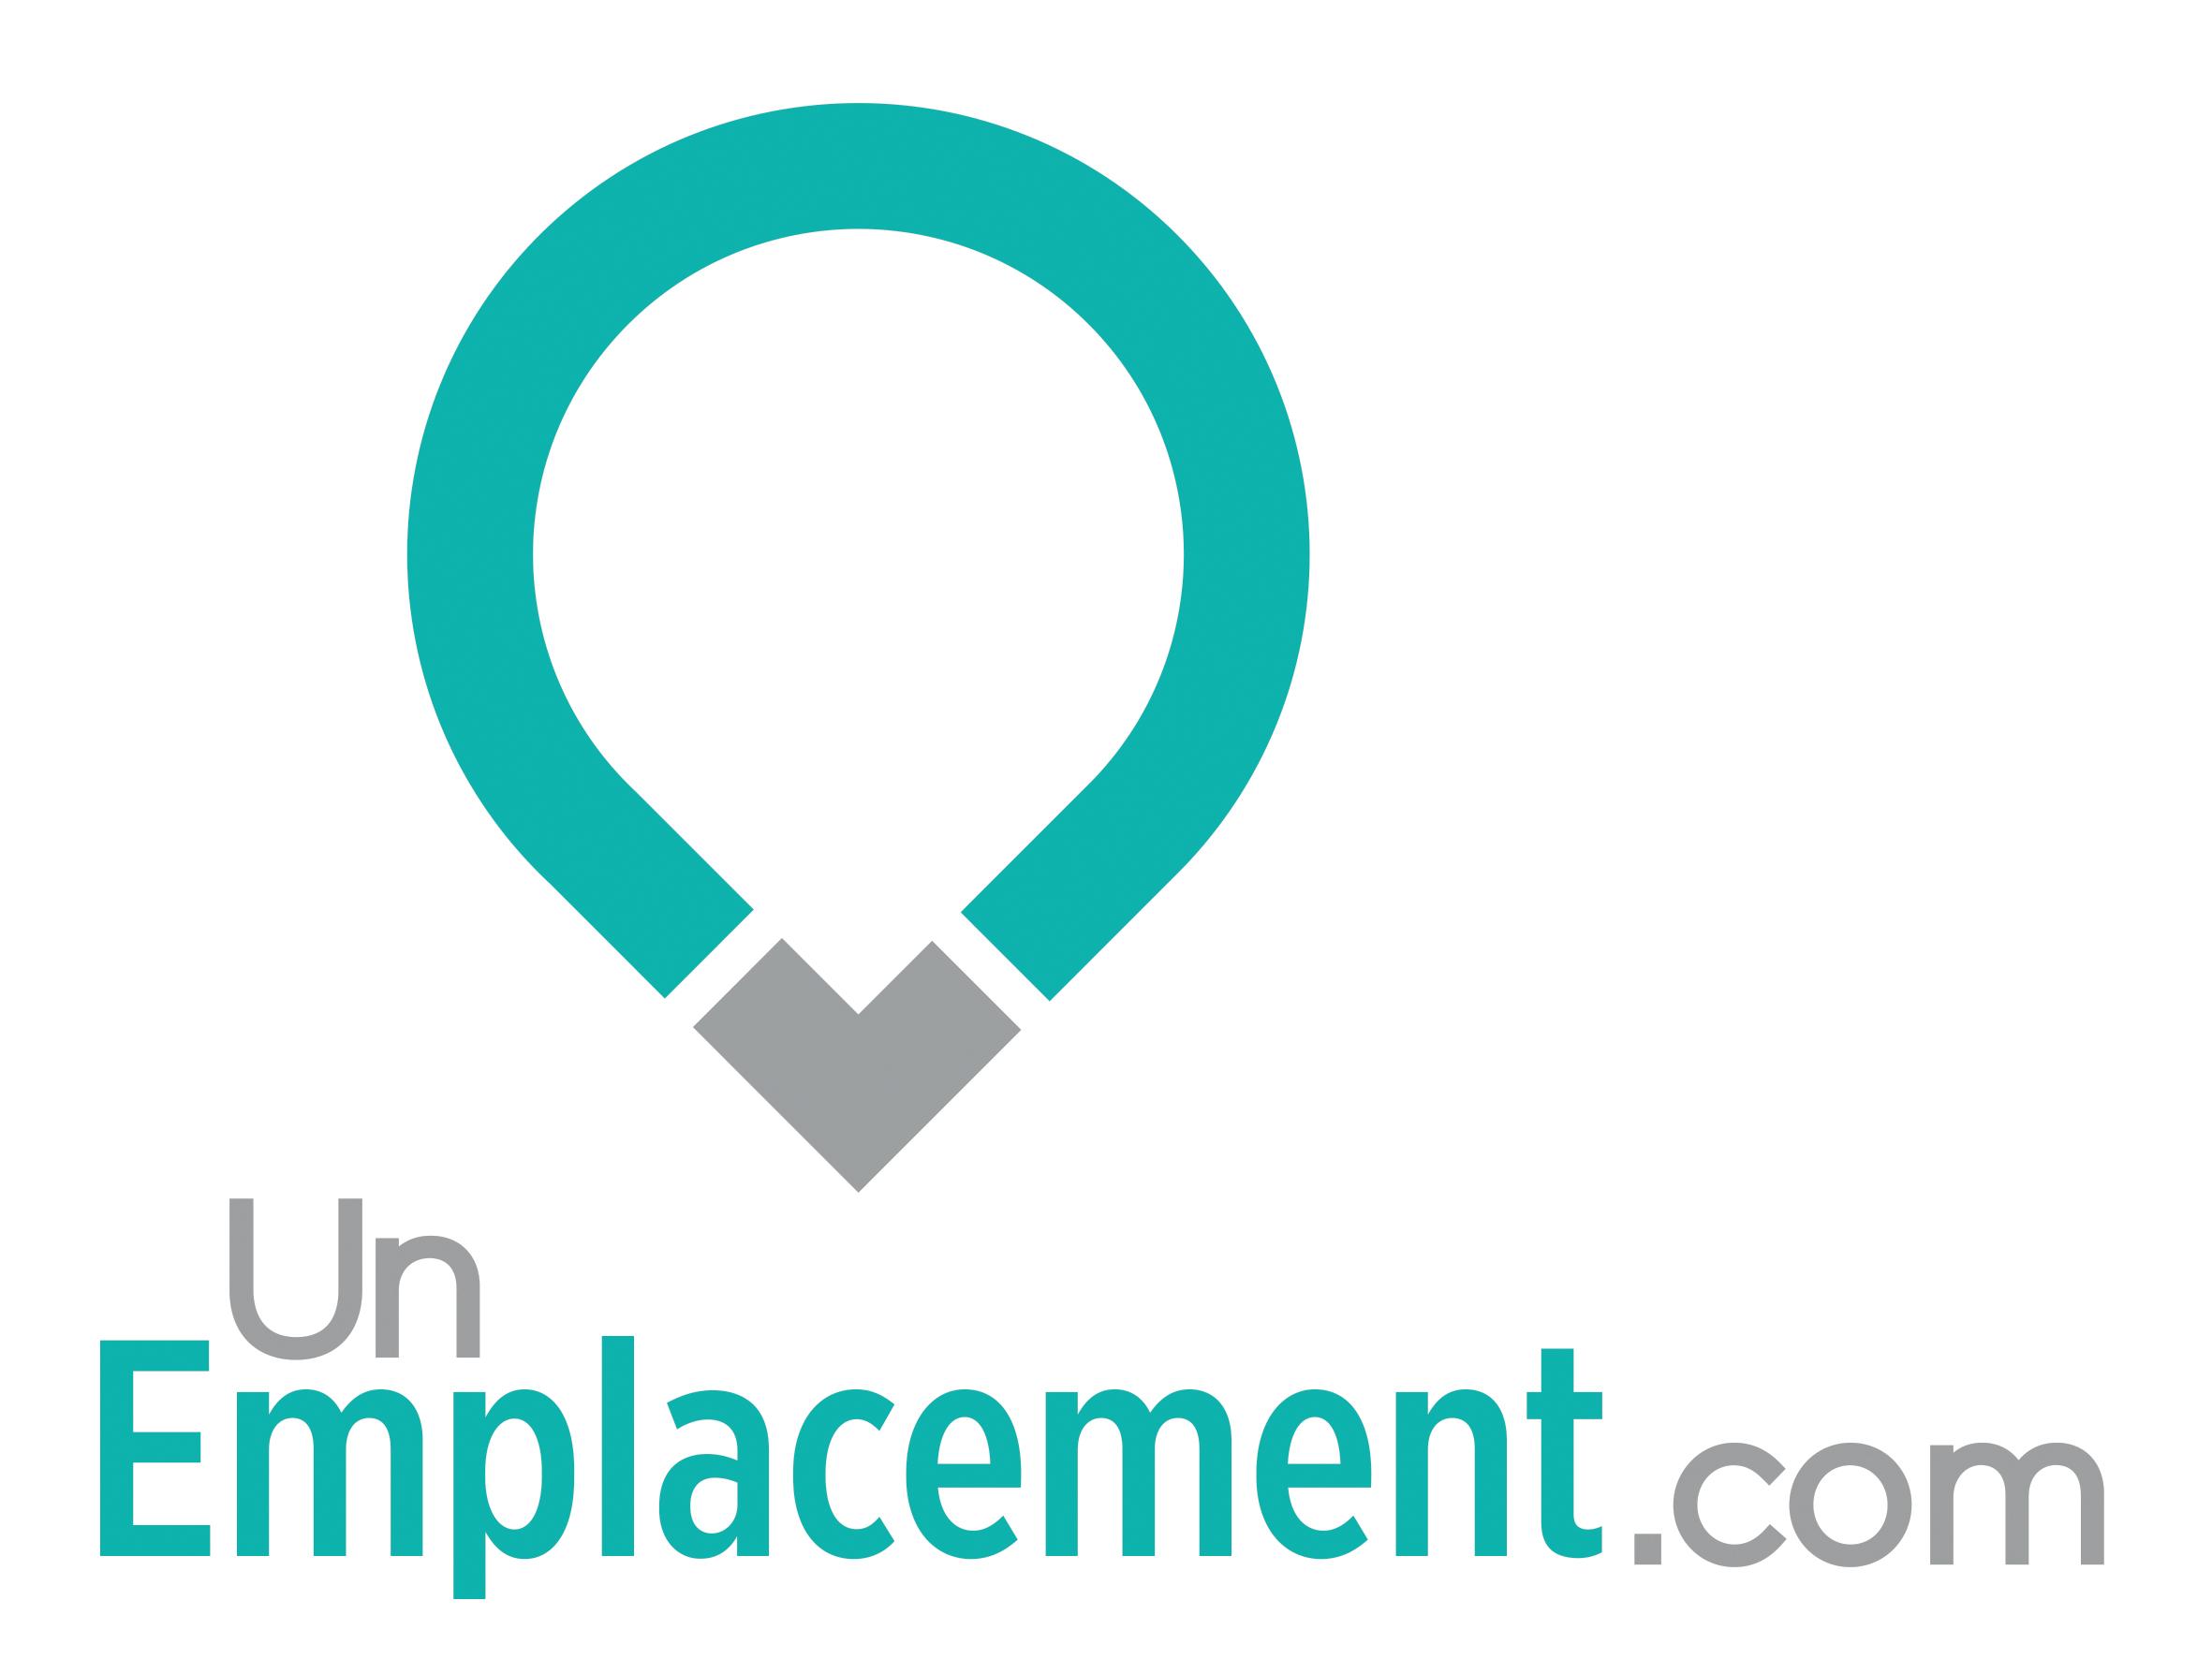 Logo de la startup UnEmplacement com